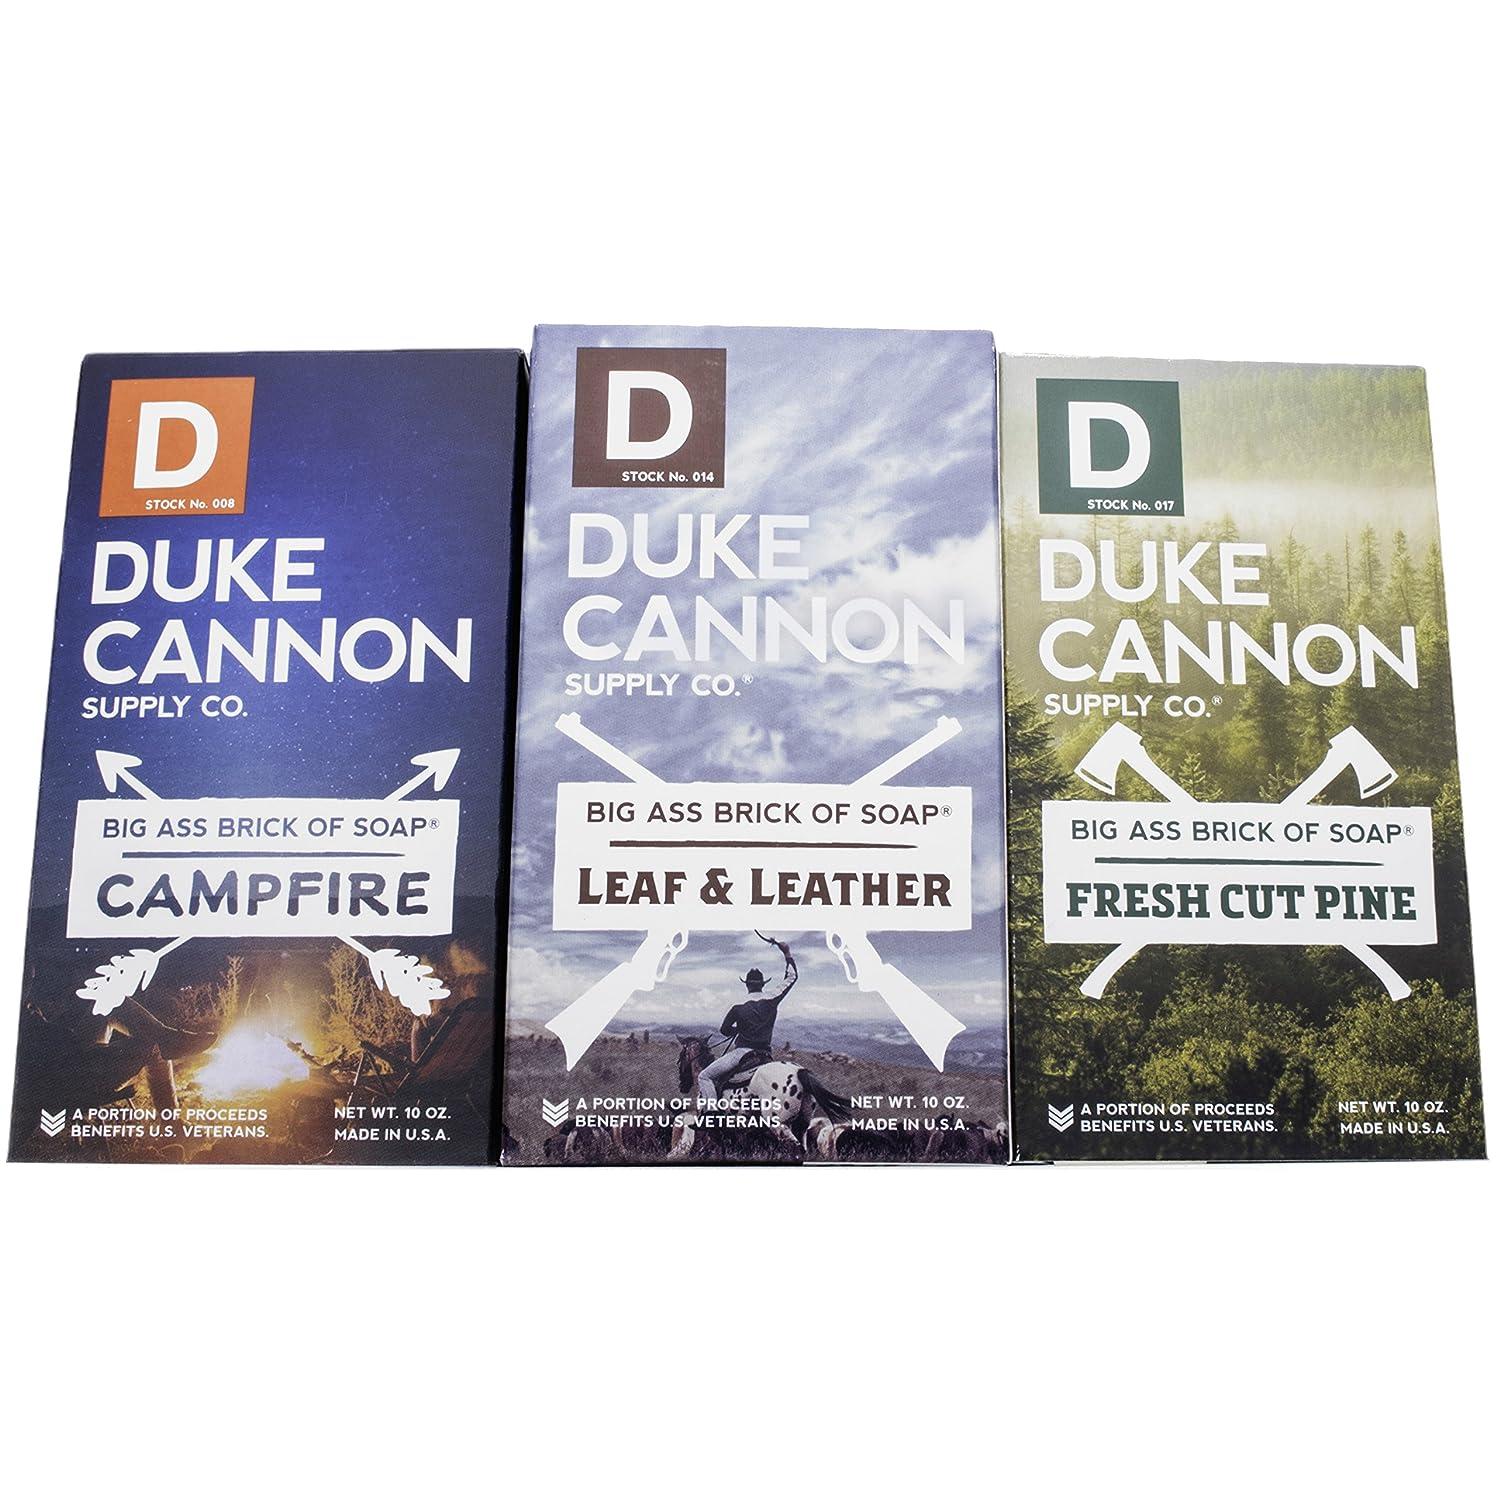 スカルク辞任ステッチDuke Cannon「Great American Frontier」メンズ ソープセット 大きなレンガ フレッシュカットパイン、リーフ&レザー、キャンプファイヤー